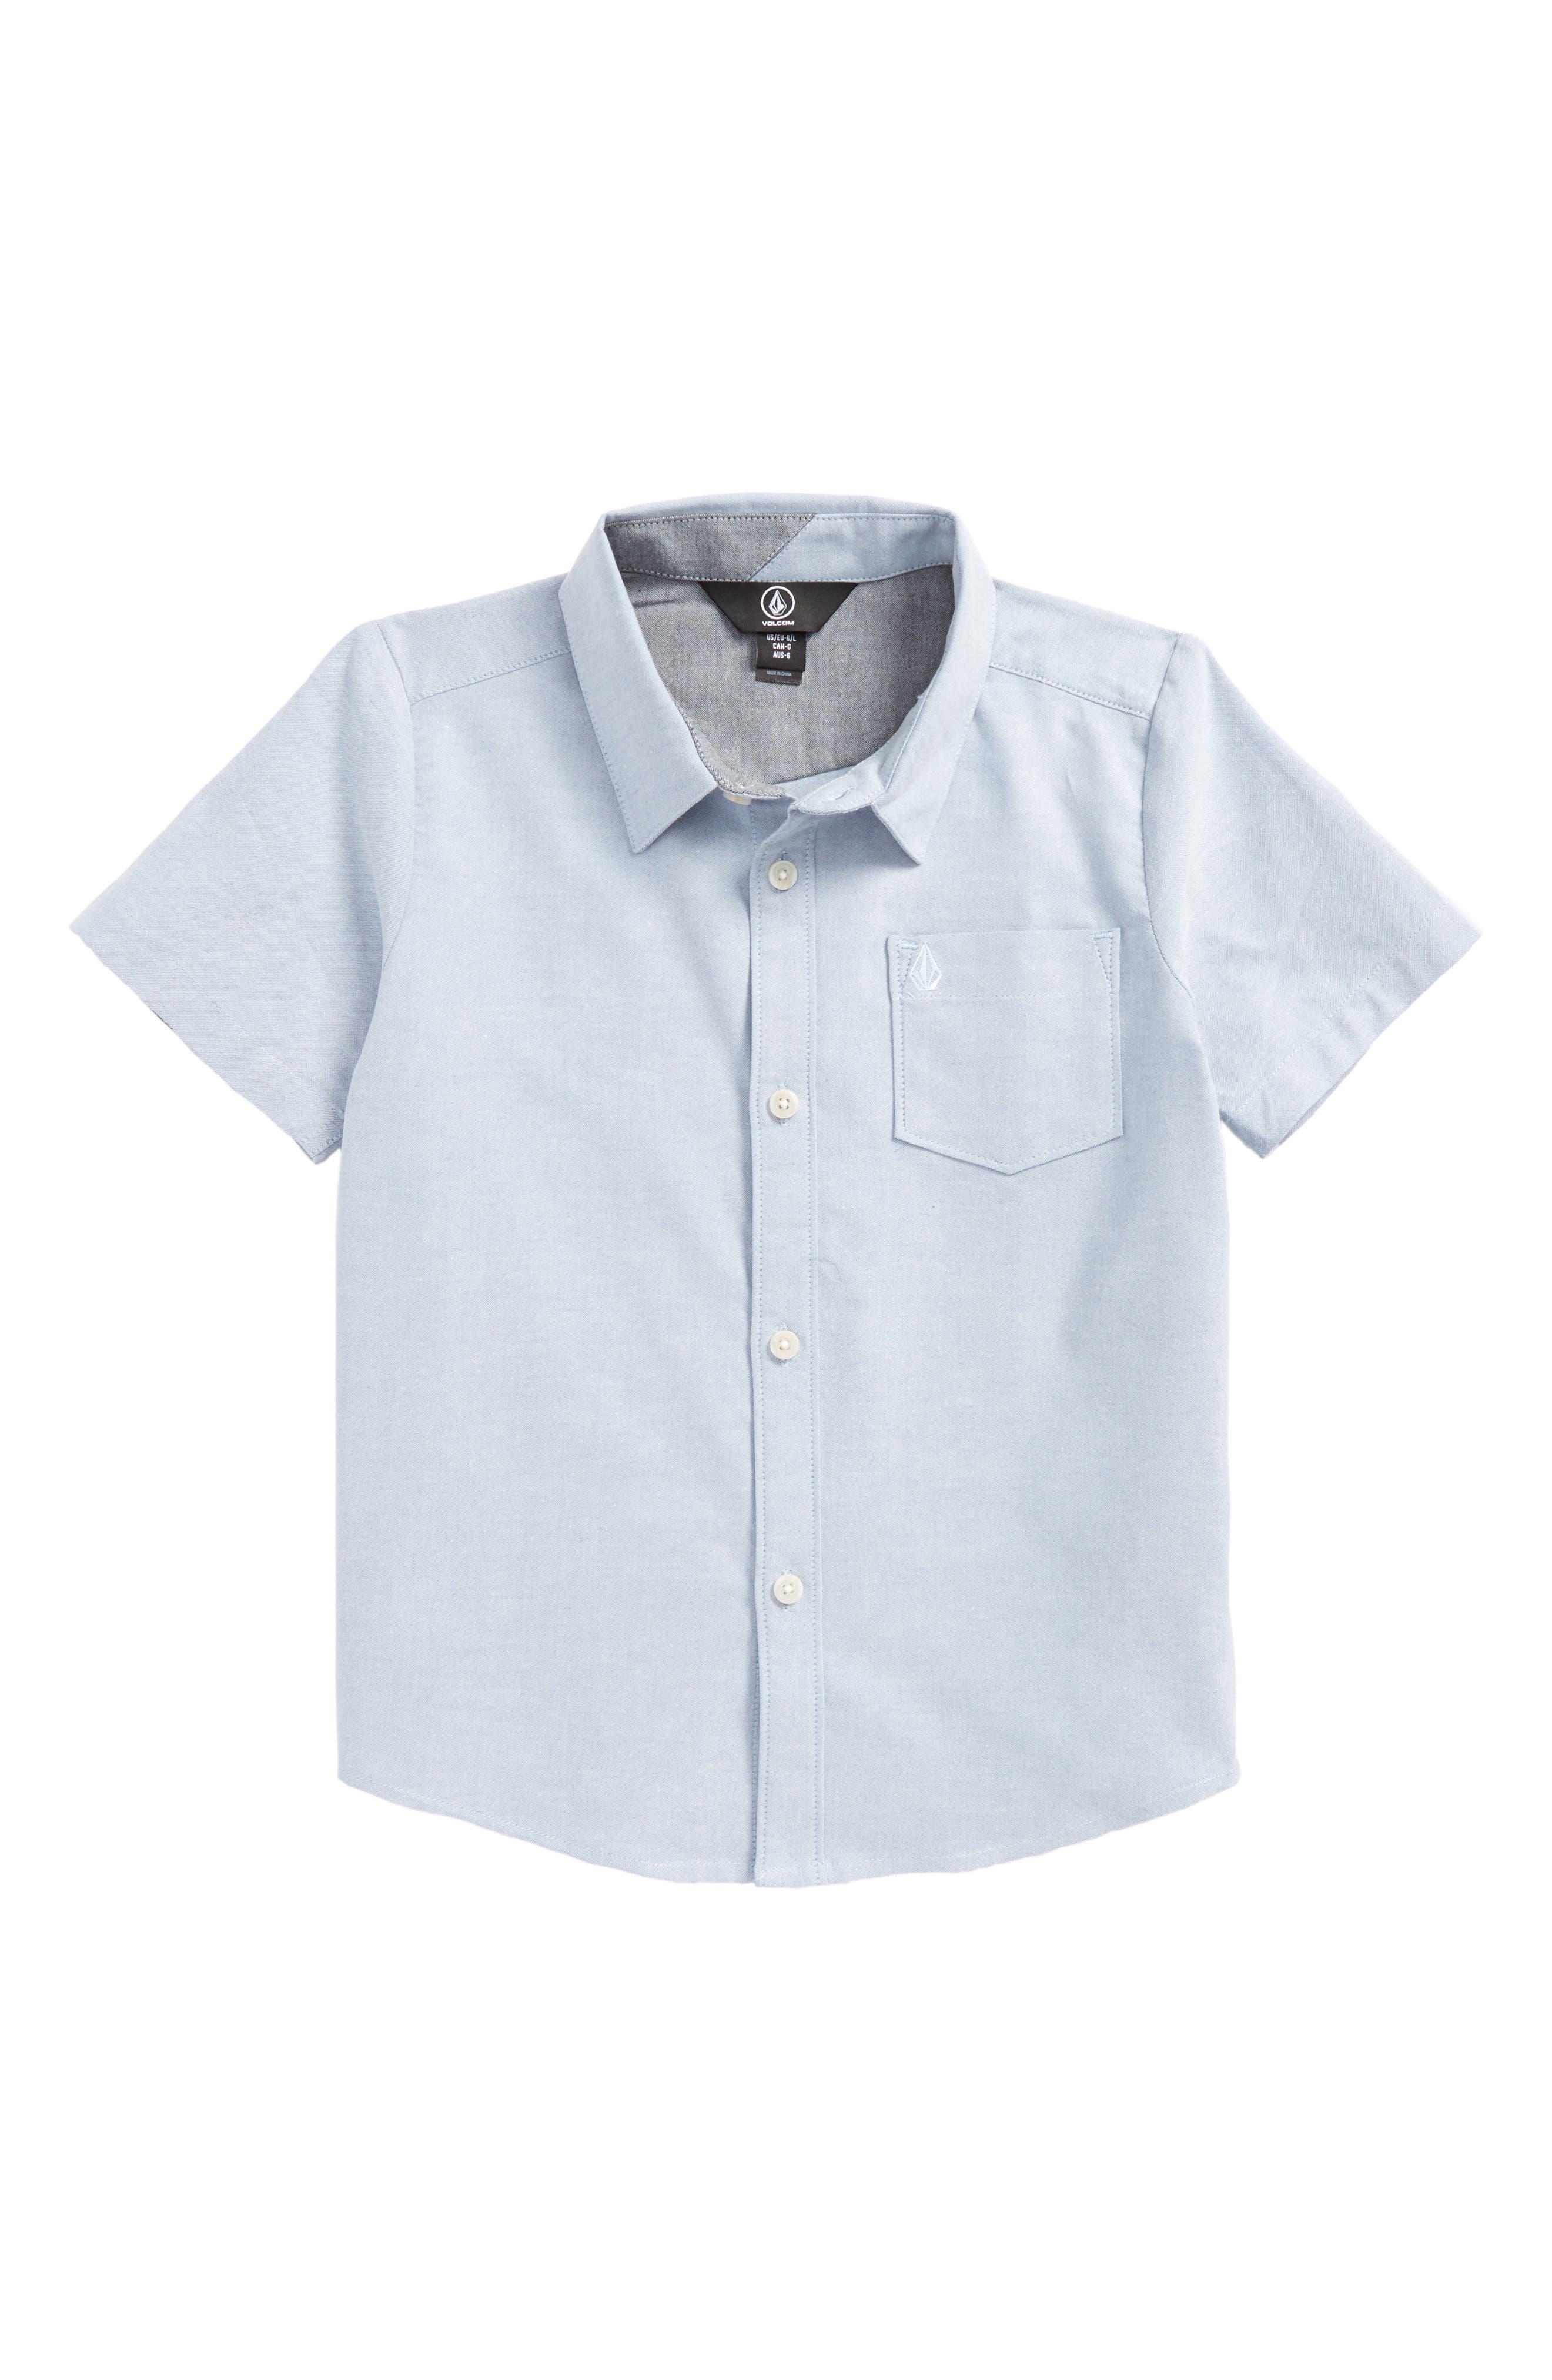 Volcom Everett Oxford Woven Shirt (Toddler Boys & Little Boys)